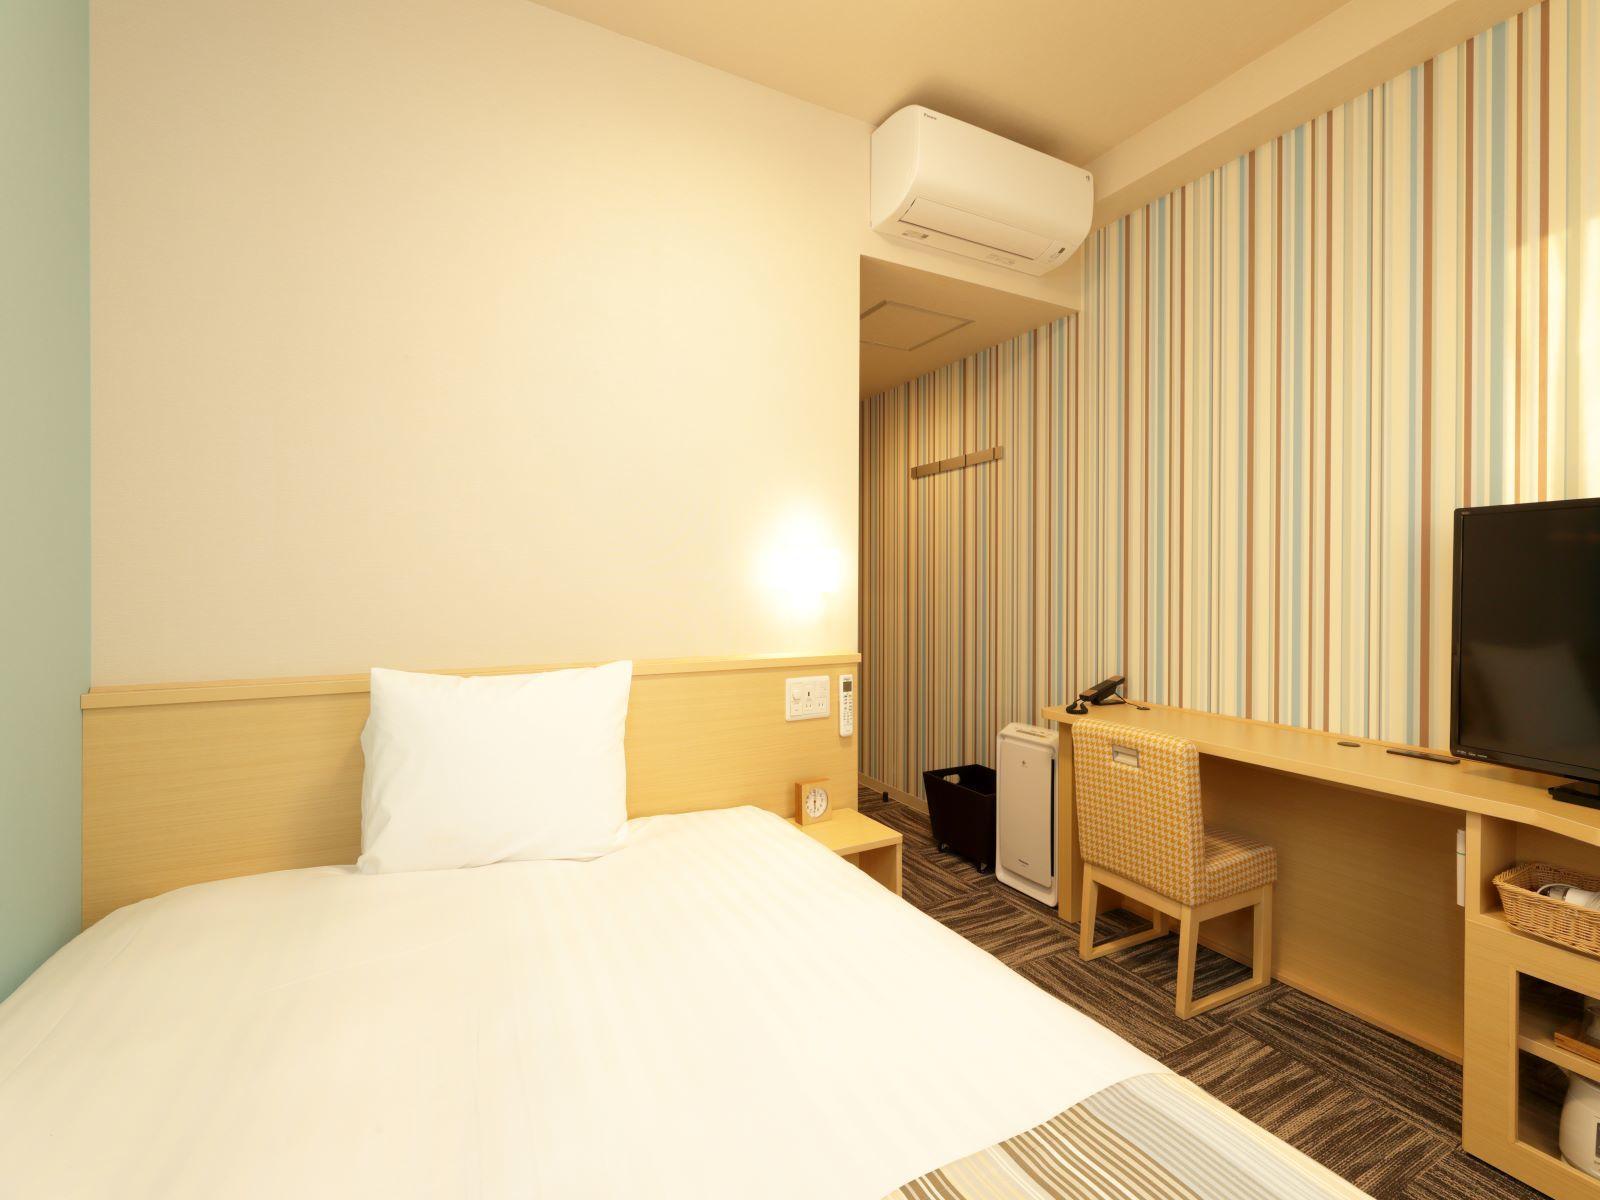 日和ホテル舞浜 / ダブルルーム■禁煙 ベッド幅150cm【カップルに最適!】